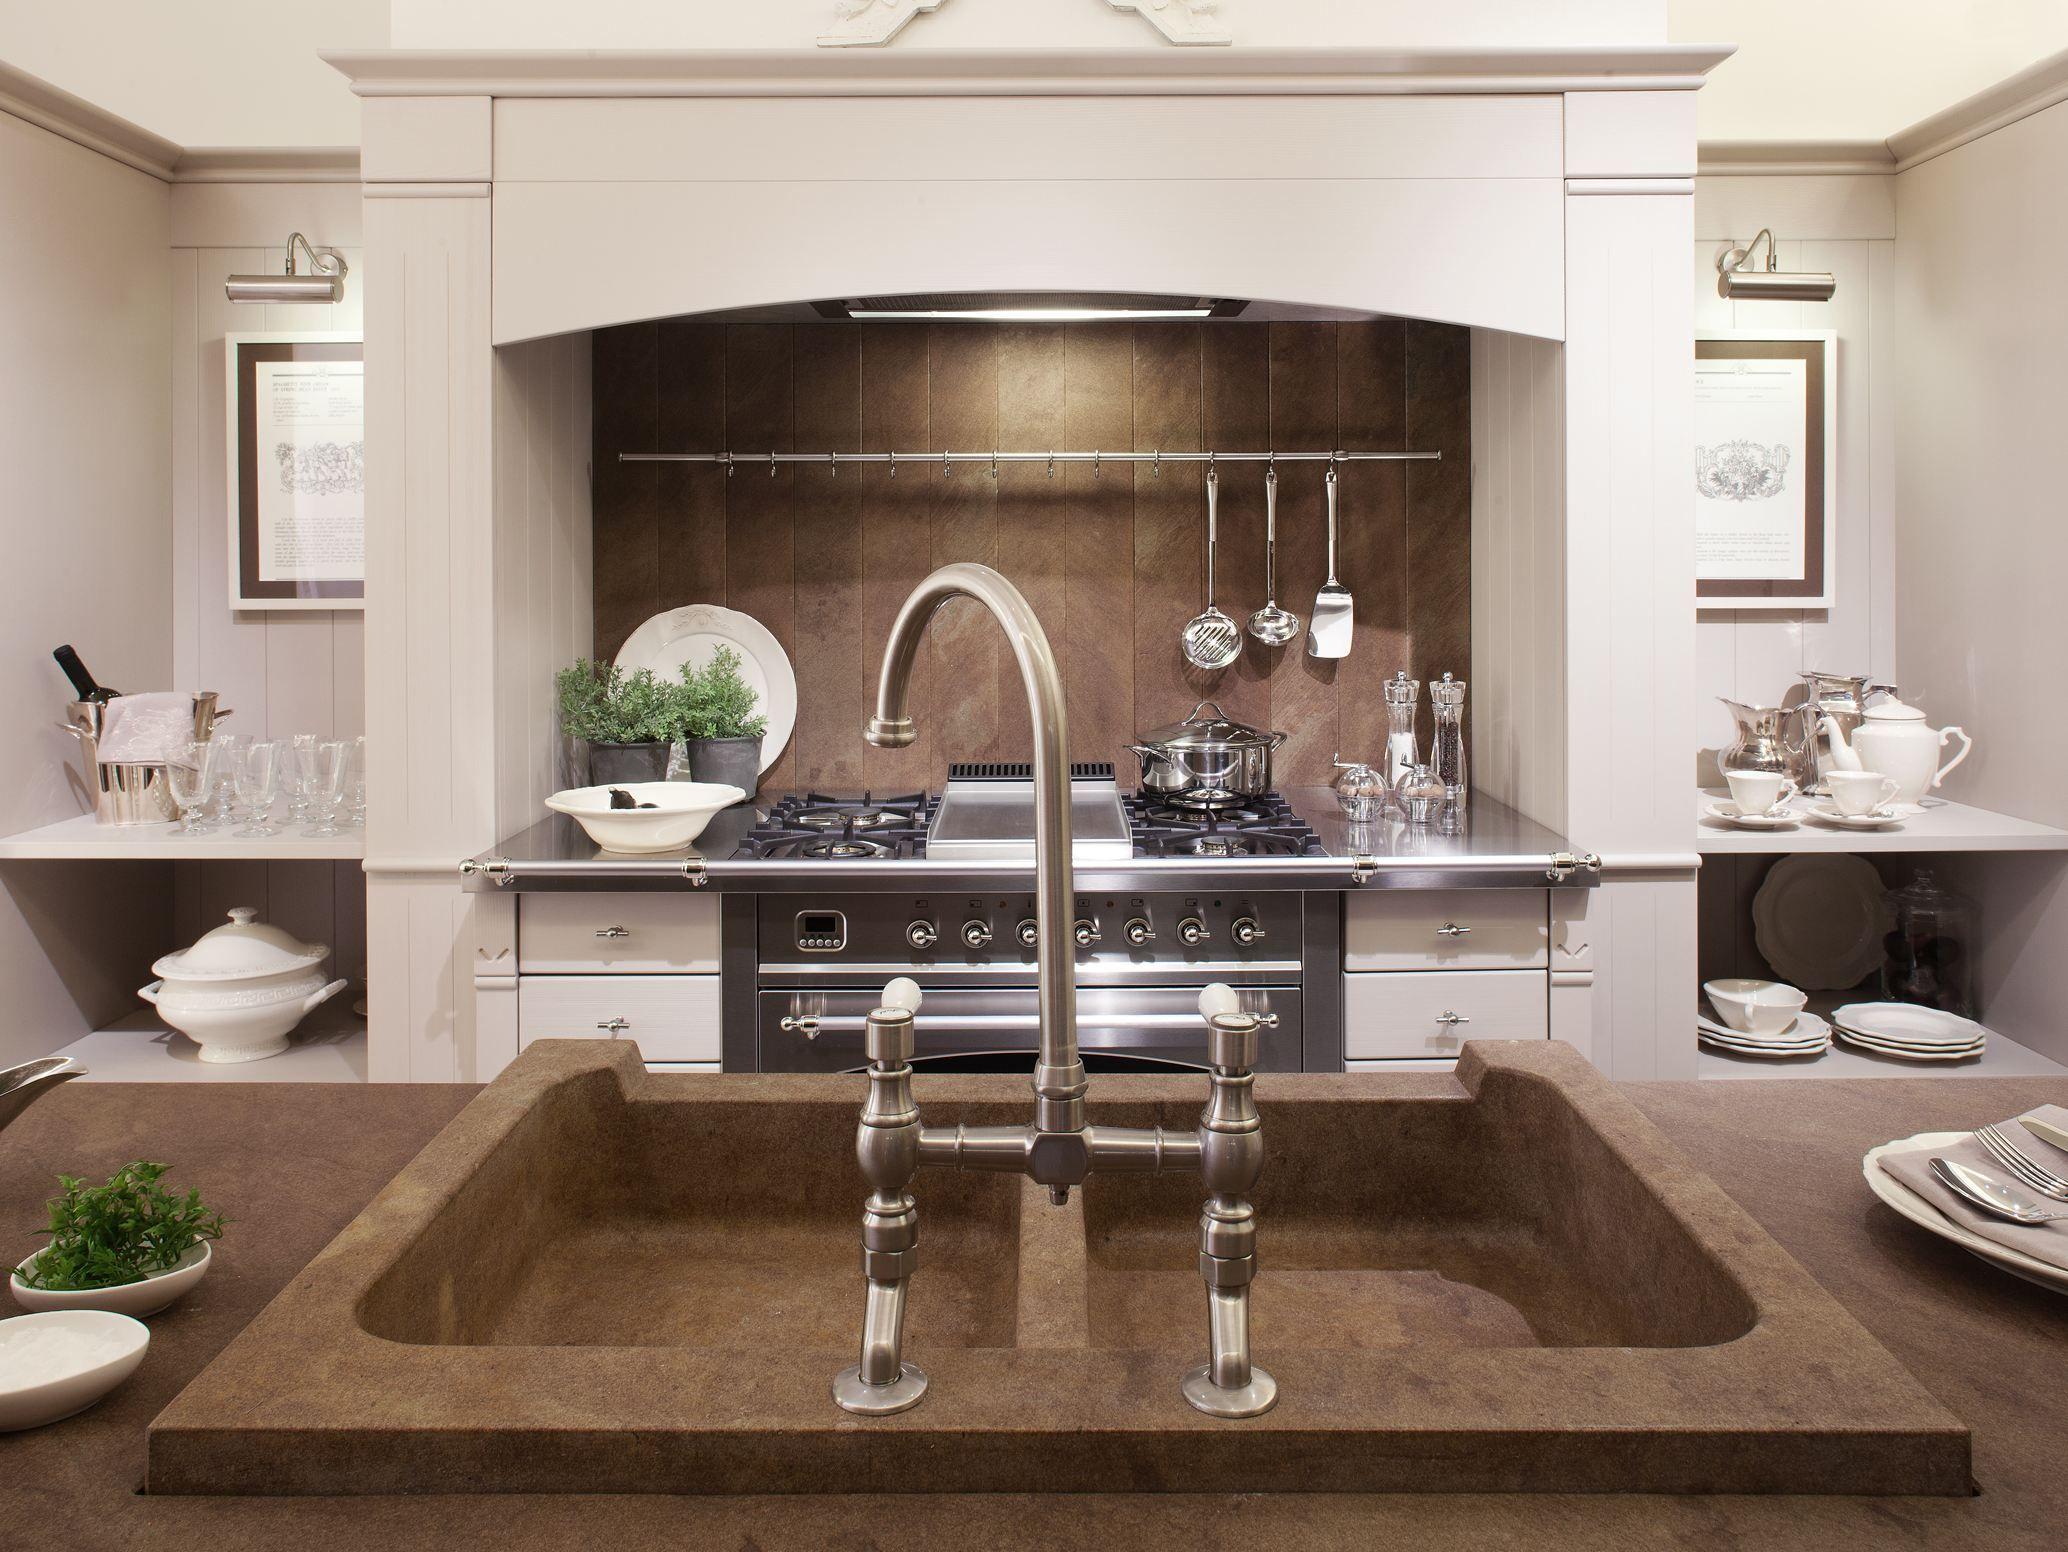 Cucina in legno spazzolato english mood by minacciolo - Cucine minacciolo english mood ...